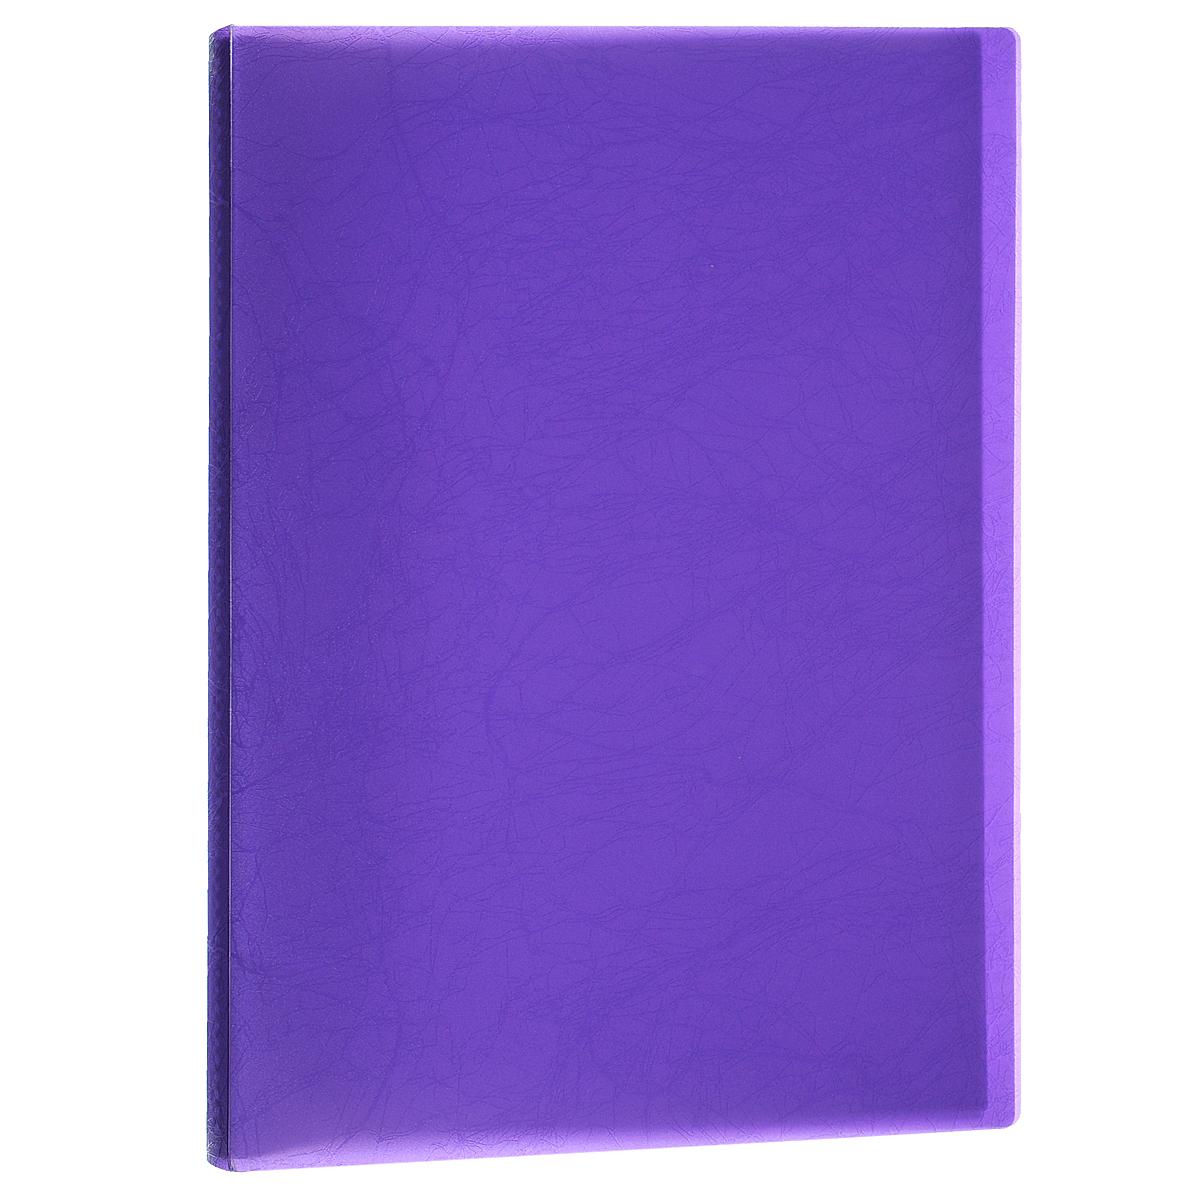 Папка Centrum, 20 файлов, цвет: фиолетовый. Формат А483015Папка Centrum - это удобный и функциональный офисный инструмент, предназначенный для хранения и транспортировки рабочих бумаг и документов формата А4.Папка изготовлена из прочного высококачественного пластика и включает в себя 20 прозрачных вкладышей-файлов. Обложка папки оформлена тиснением под кожу. Папка имеет опрятный и неброский вид. Уголки папки имеют закругленную форму, что предотвращает их загибание и помогает надолго сохранить опрятный вид обложки.Папка - это незаменимый атрибут для любого студента, школьника или офисного работника. Такая папка надежно сохранит ваши бумаги и сбережет их от повреждений, пыли и влаги.